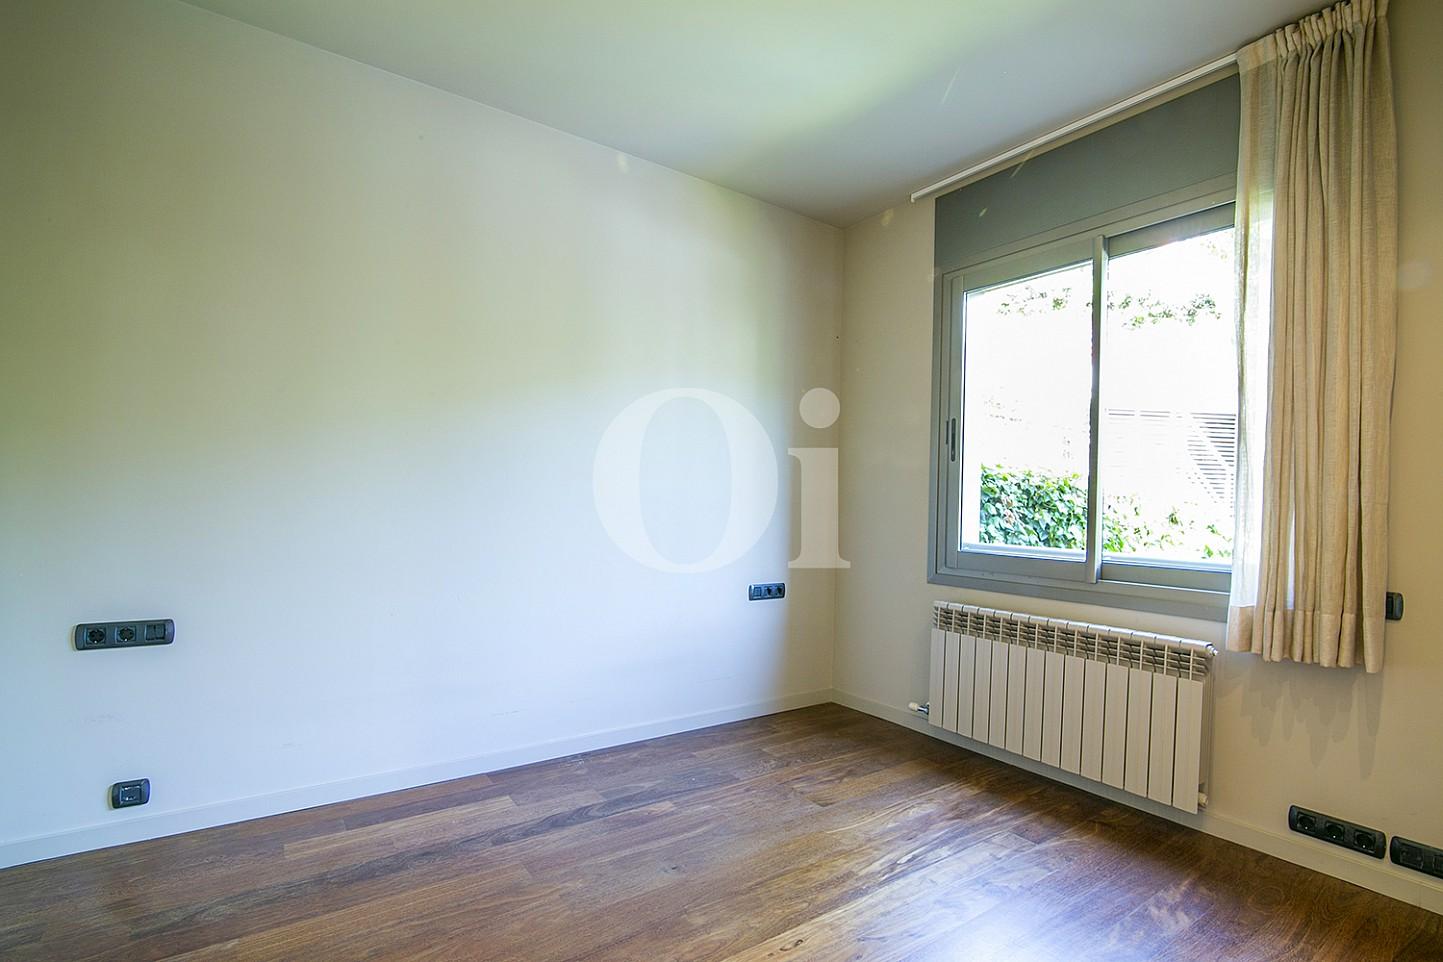 vista de habitación con ventanas al exterior en casa de lujo en venta en barcelona